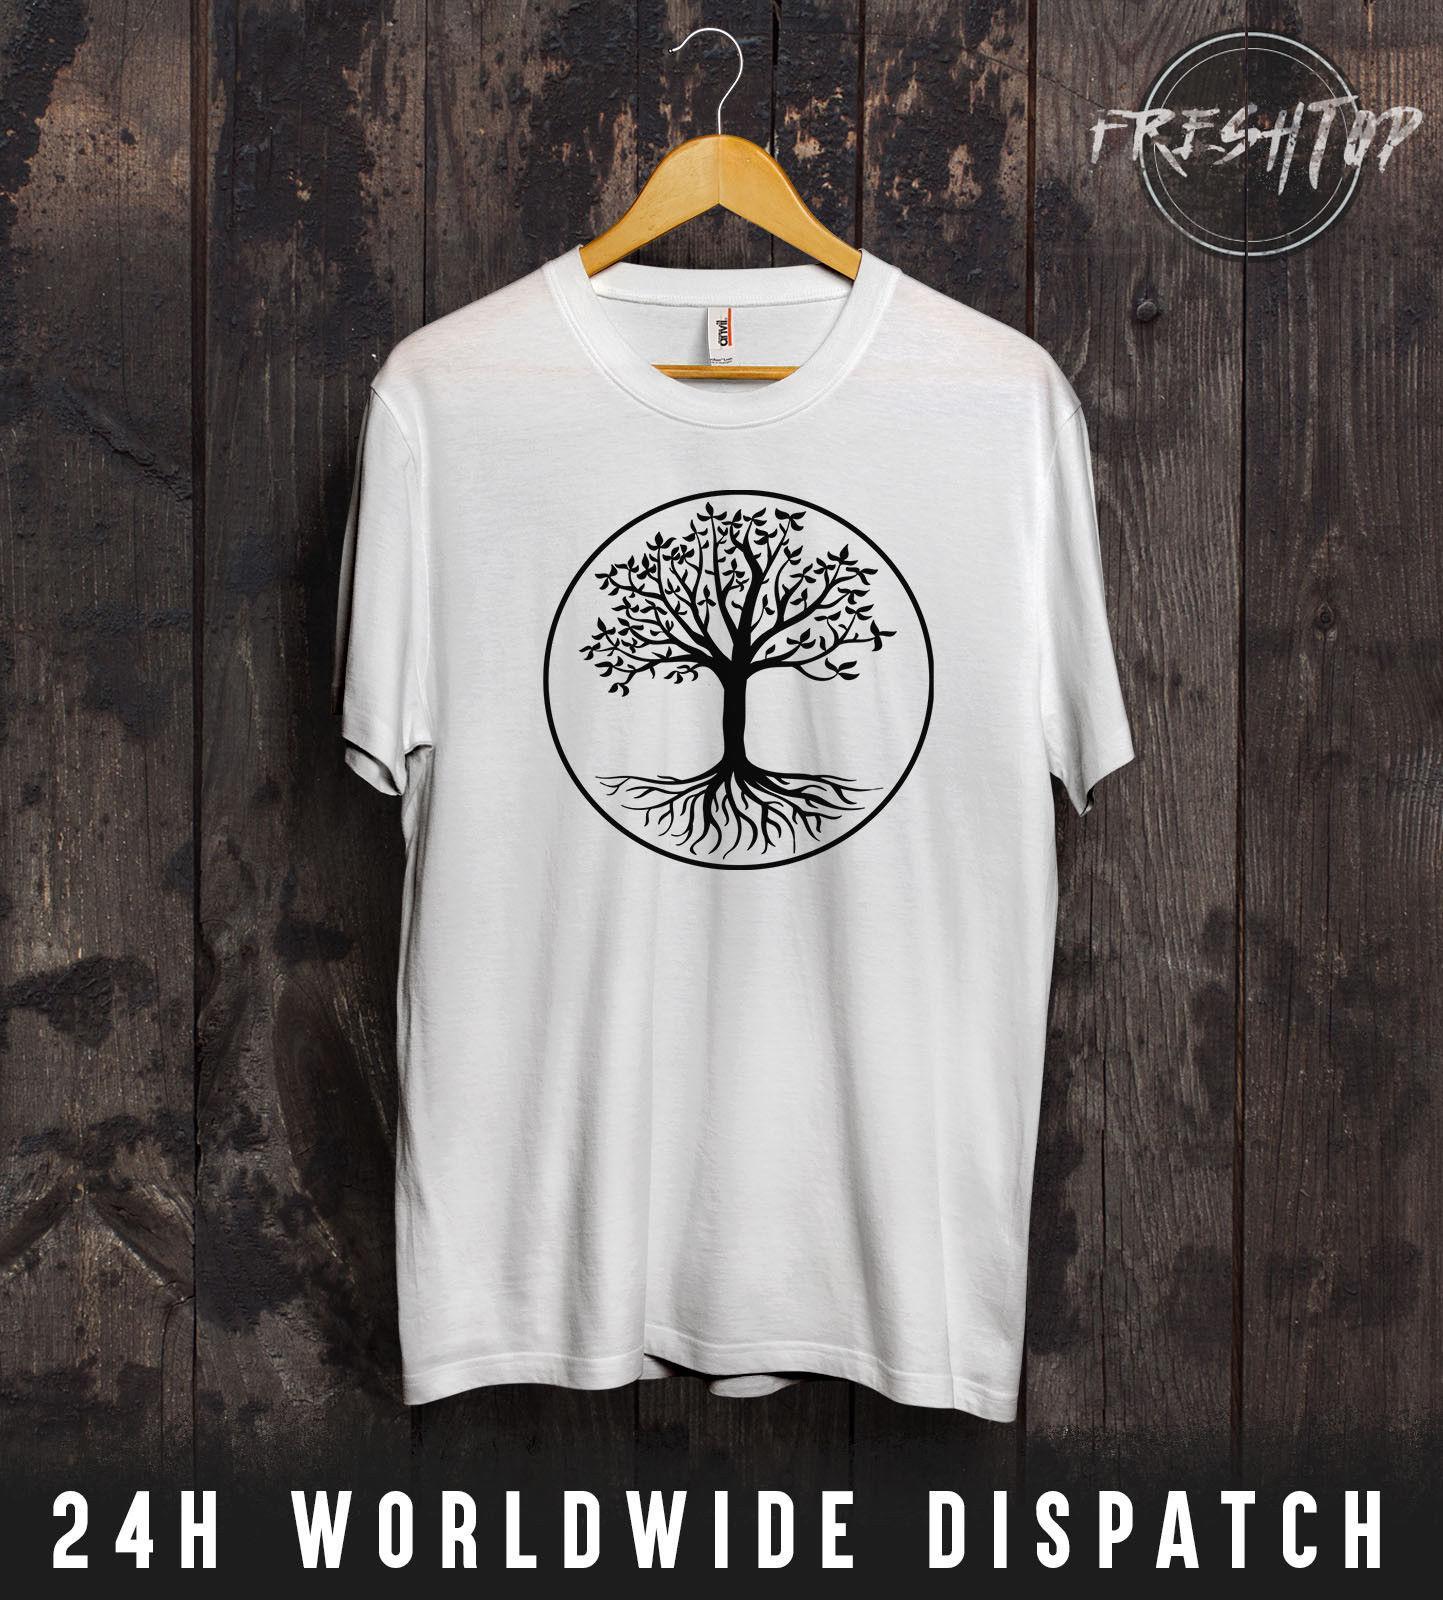 Compre Camiseta Árbol De La Vida Madre Tierra Verde Druida Viva Wicca Pagan  Jardinero Celta Encantadora Camiseta De Verano Tops 100% Algodón Fresco  Camiseta ... 6253a63559ce7